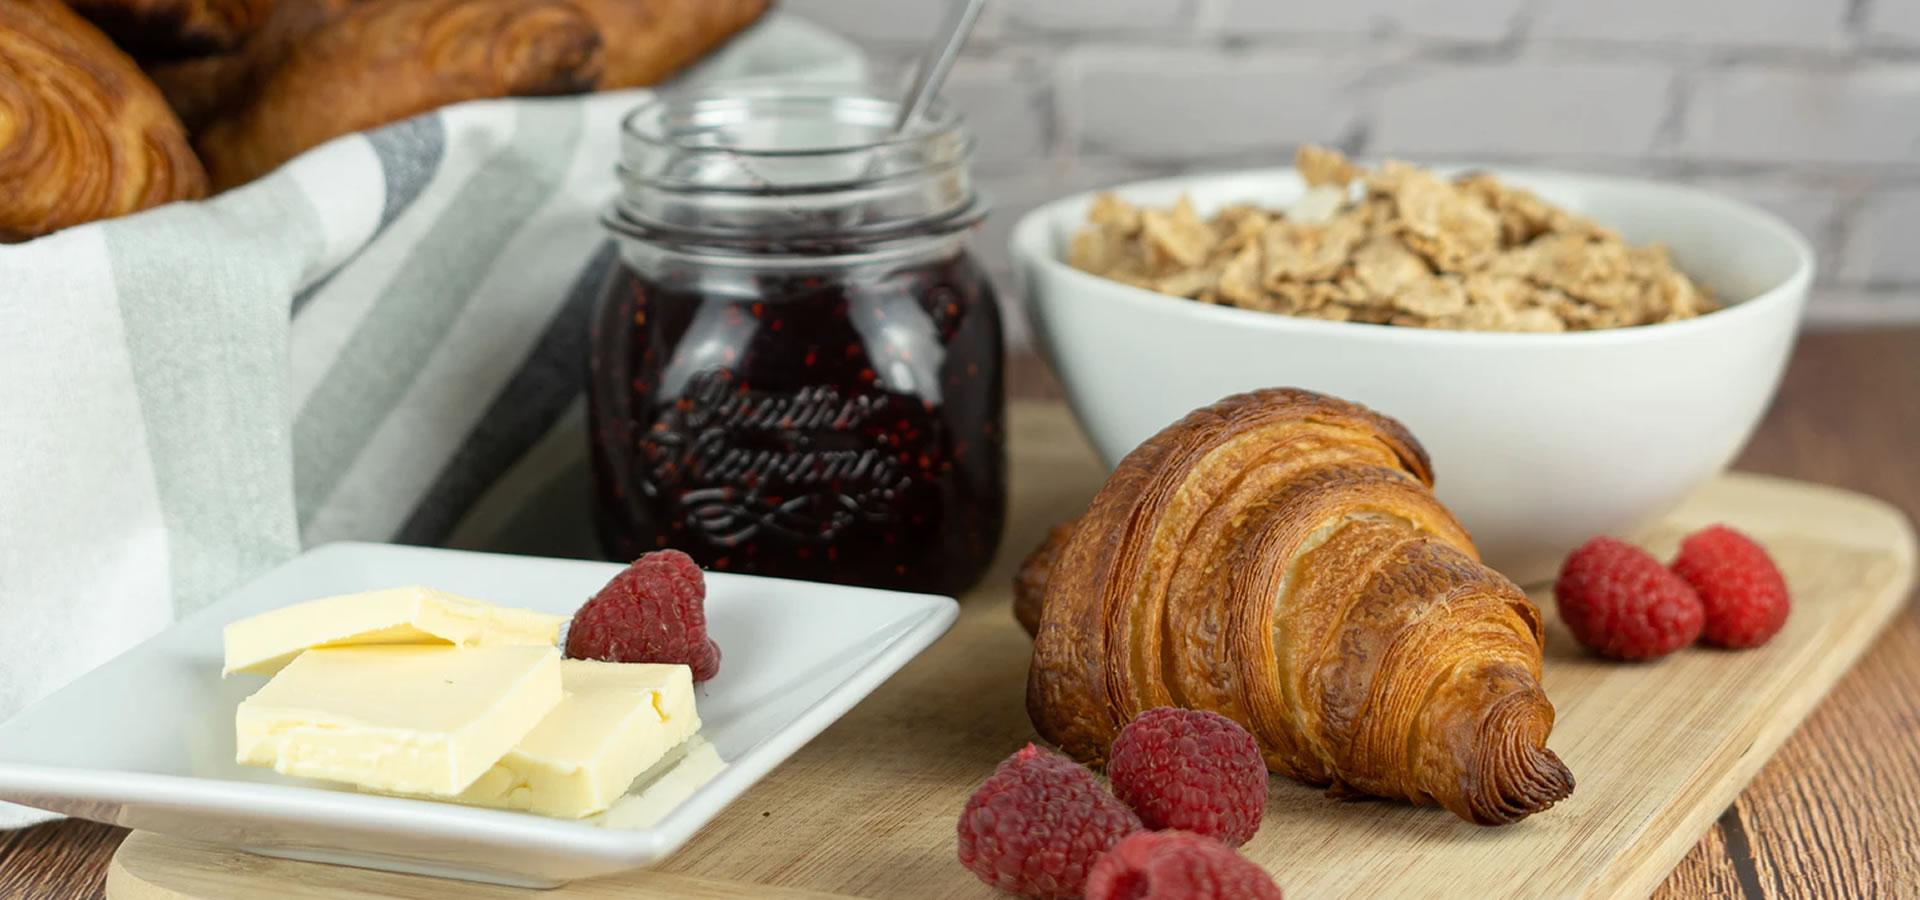 colazione-perfetta-per-iniziare-bene-giornata